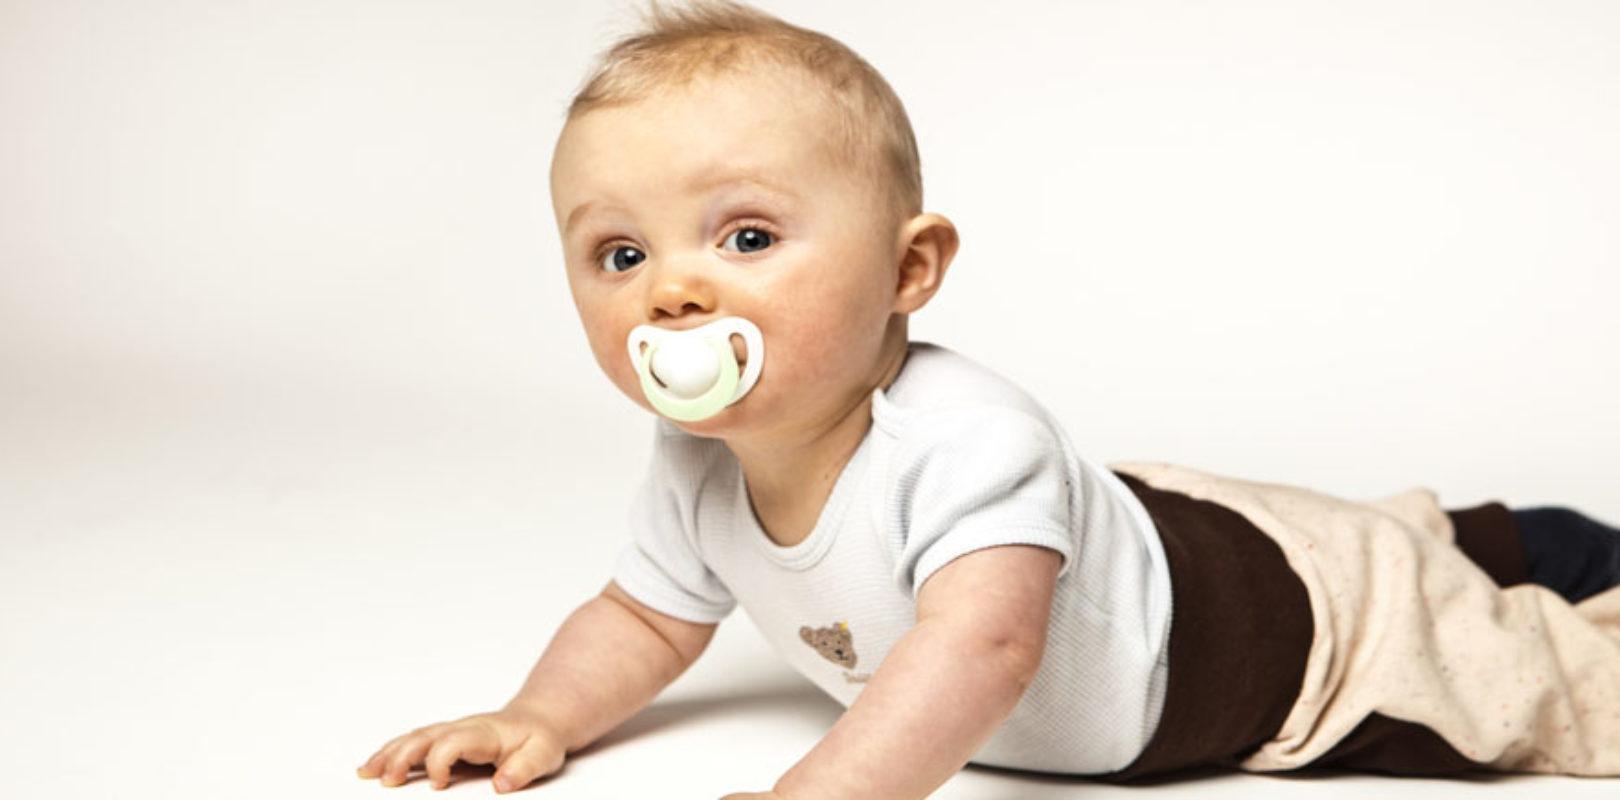 Bild Baby mit einem Nuckel